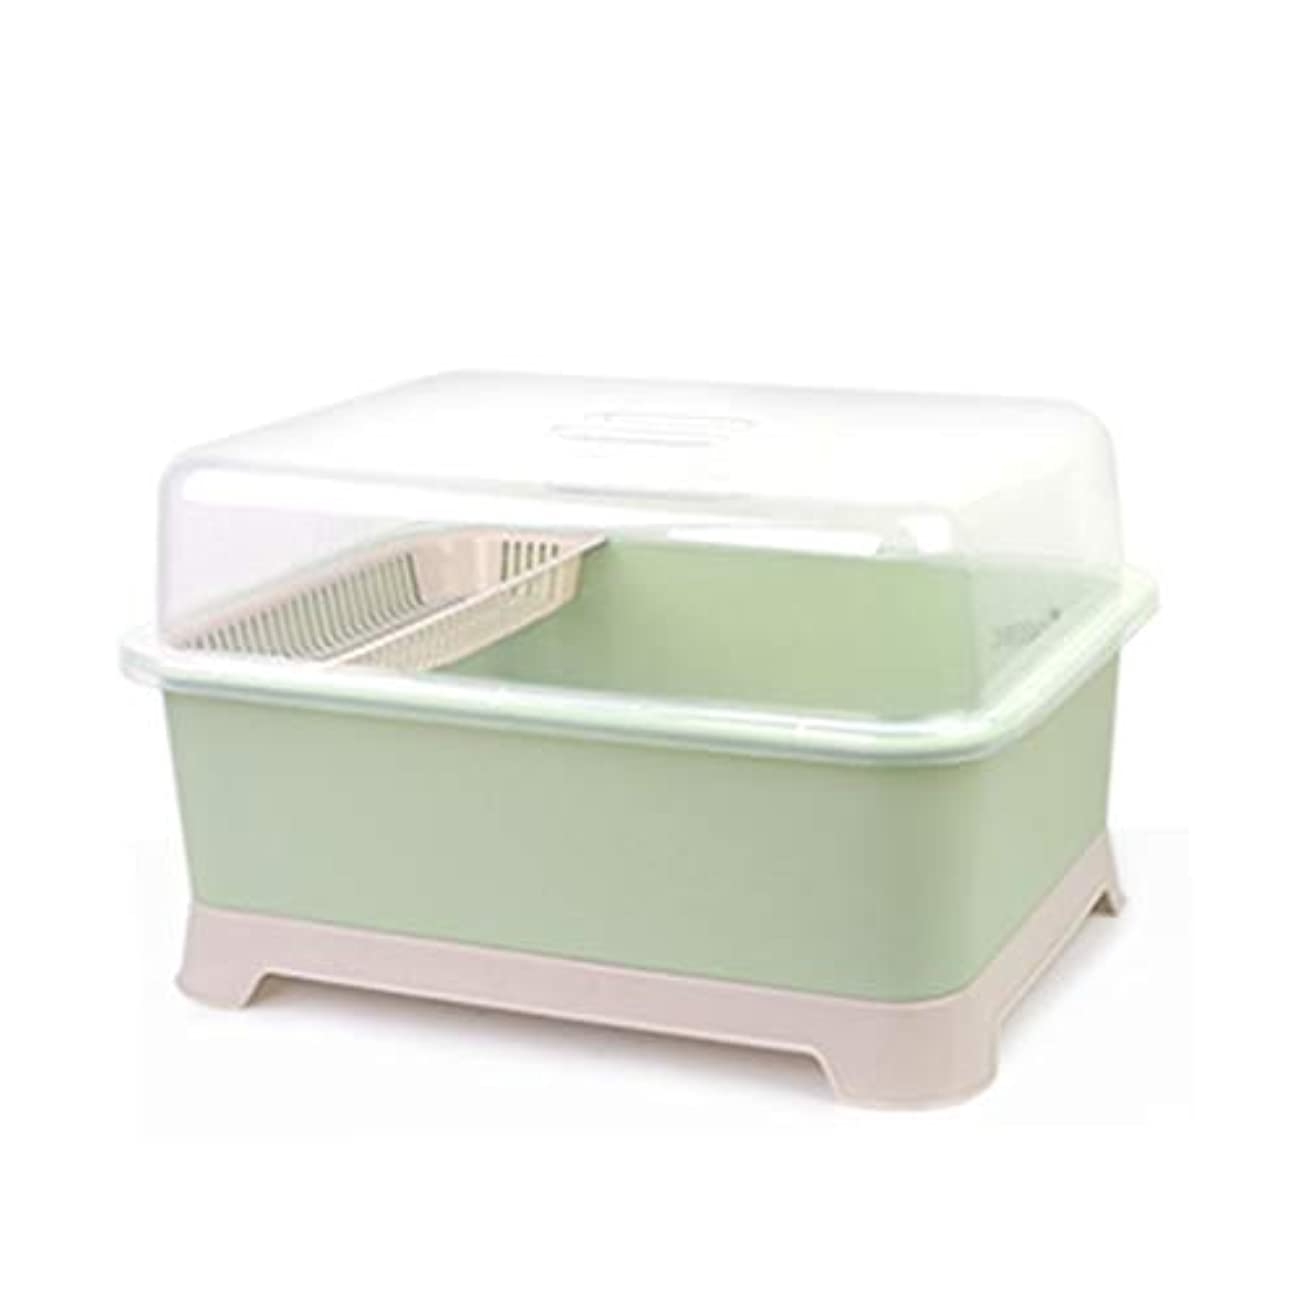 下別に廊下IUYWL キッチンドレンラック、大型食器収納ボックス、蓋付き収納ボックス、プラスチック製食器棚、家庭用食器棚 キッチンドレンラック (Color : Green)